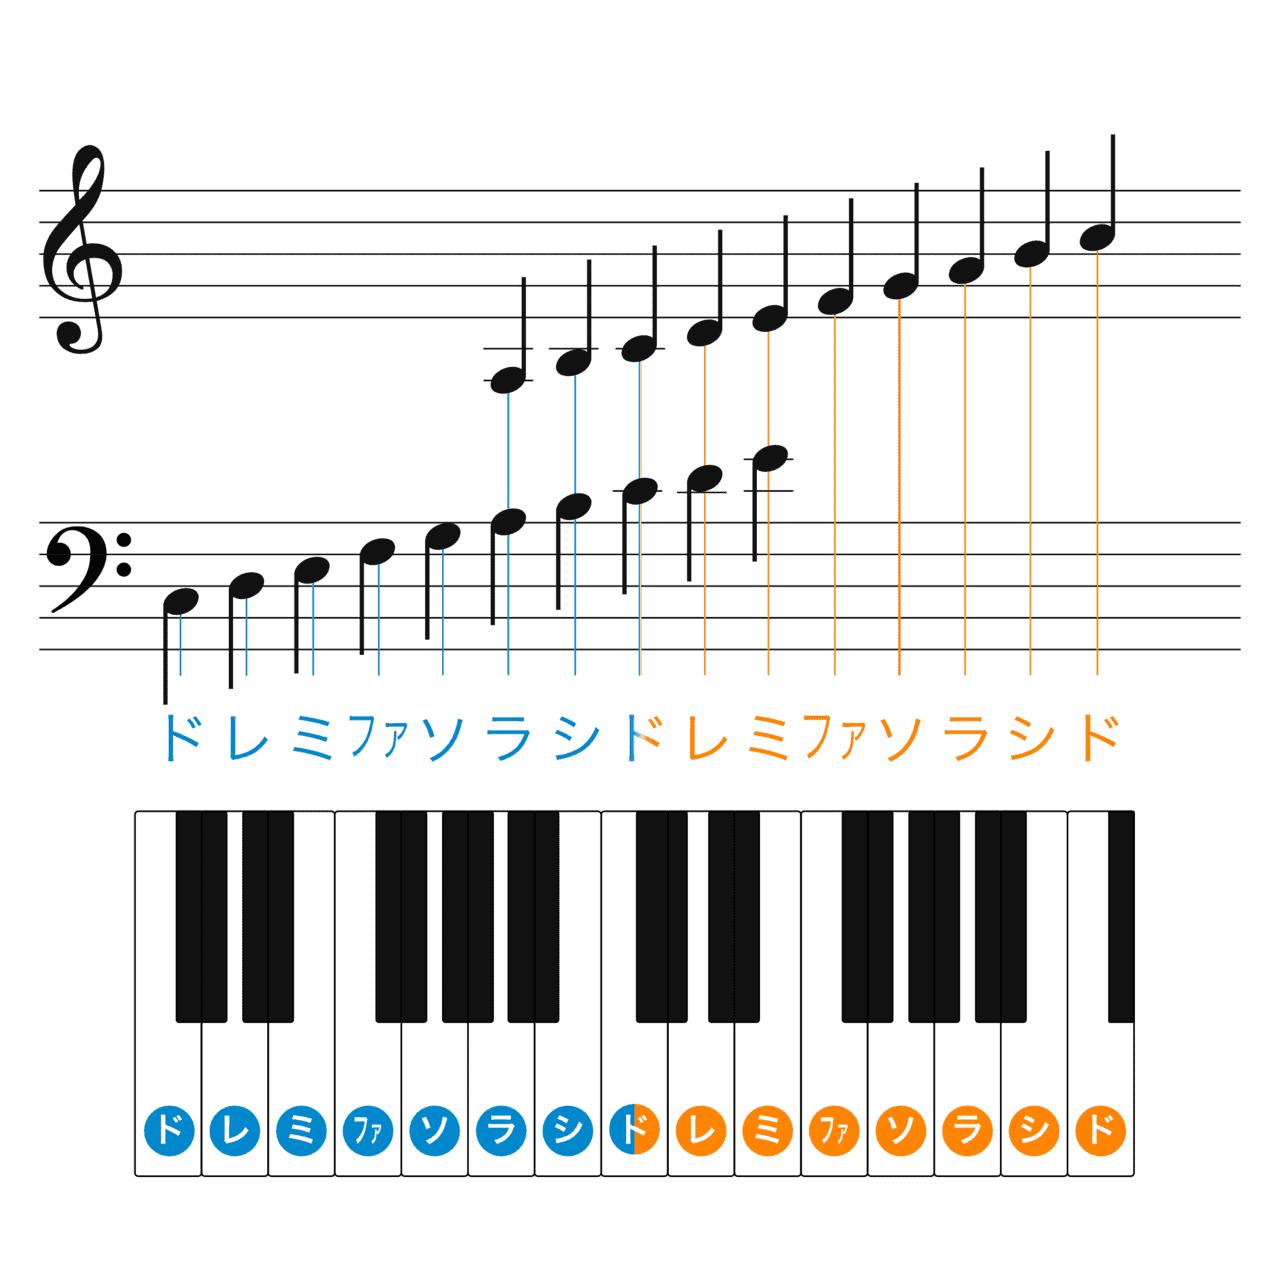 五線譜とピアノ鍵盤の関係の画像